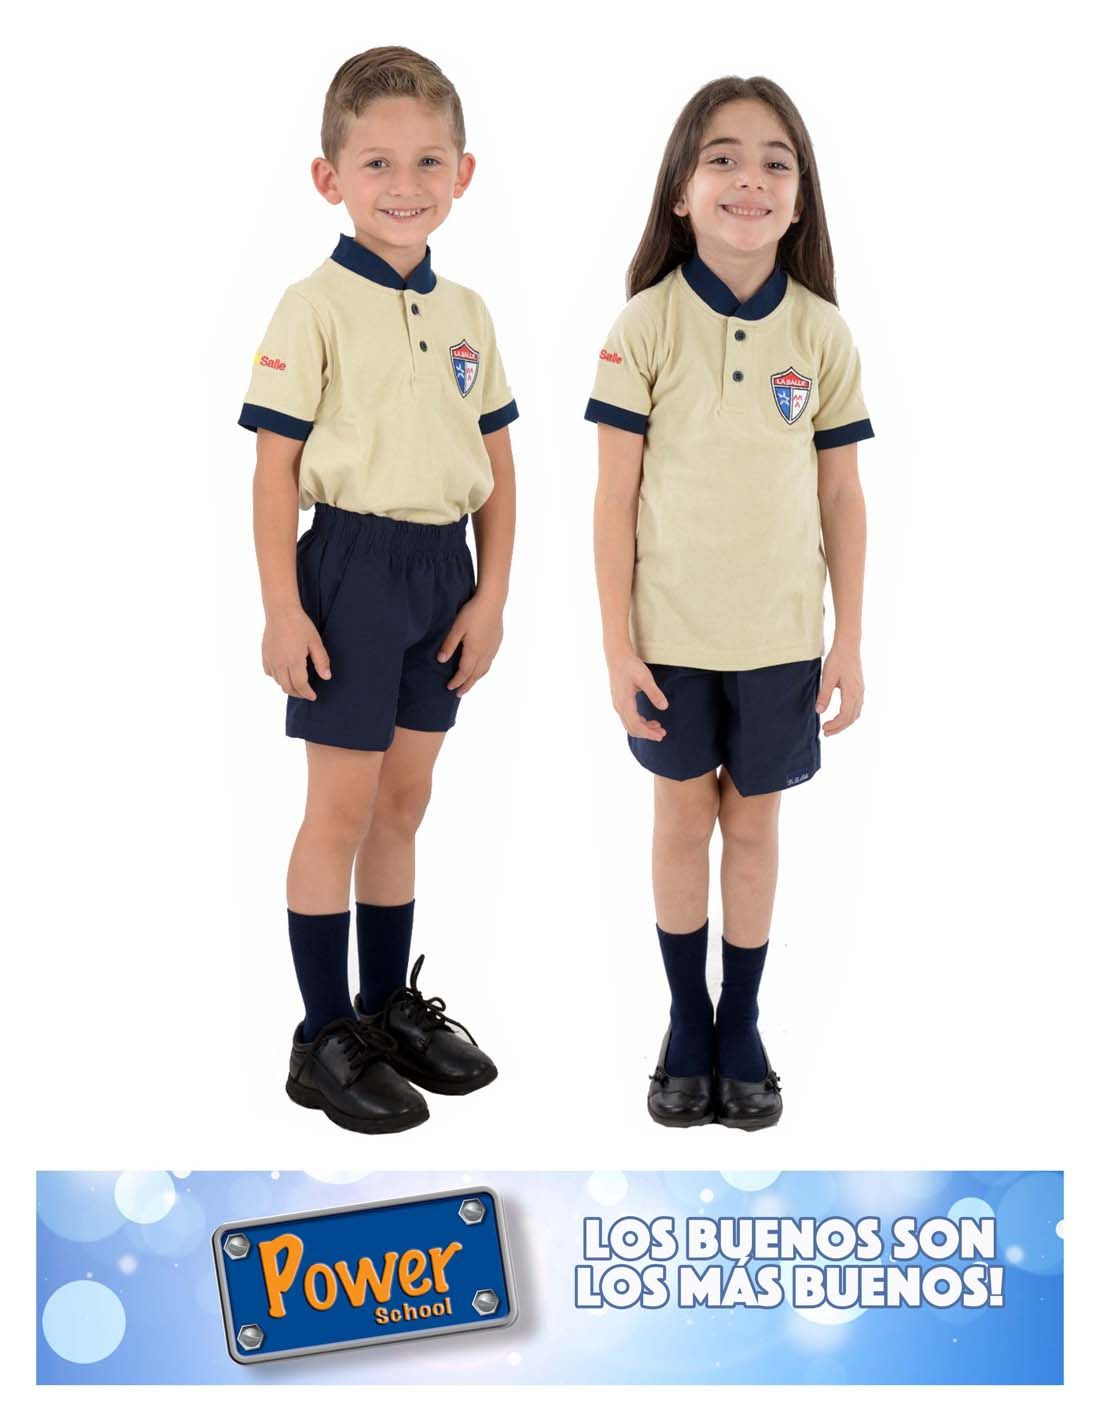 #Uniformes #PowerSchool #Colegio #Privado La Salle